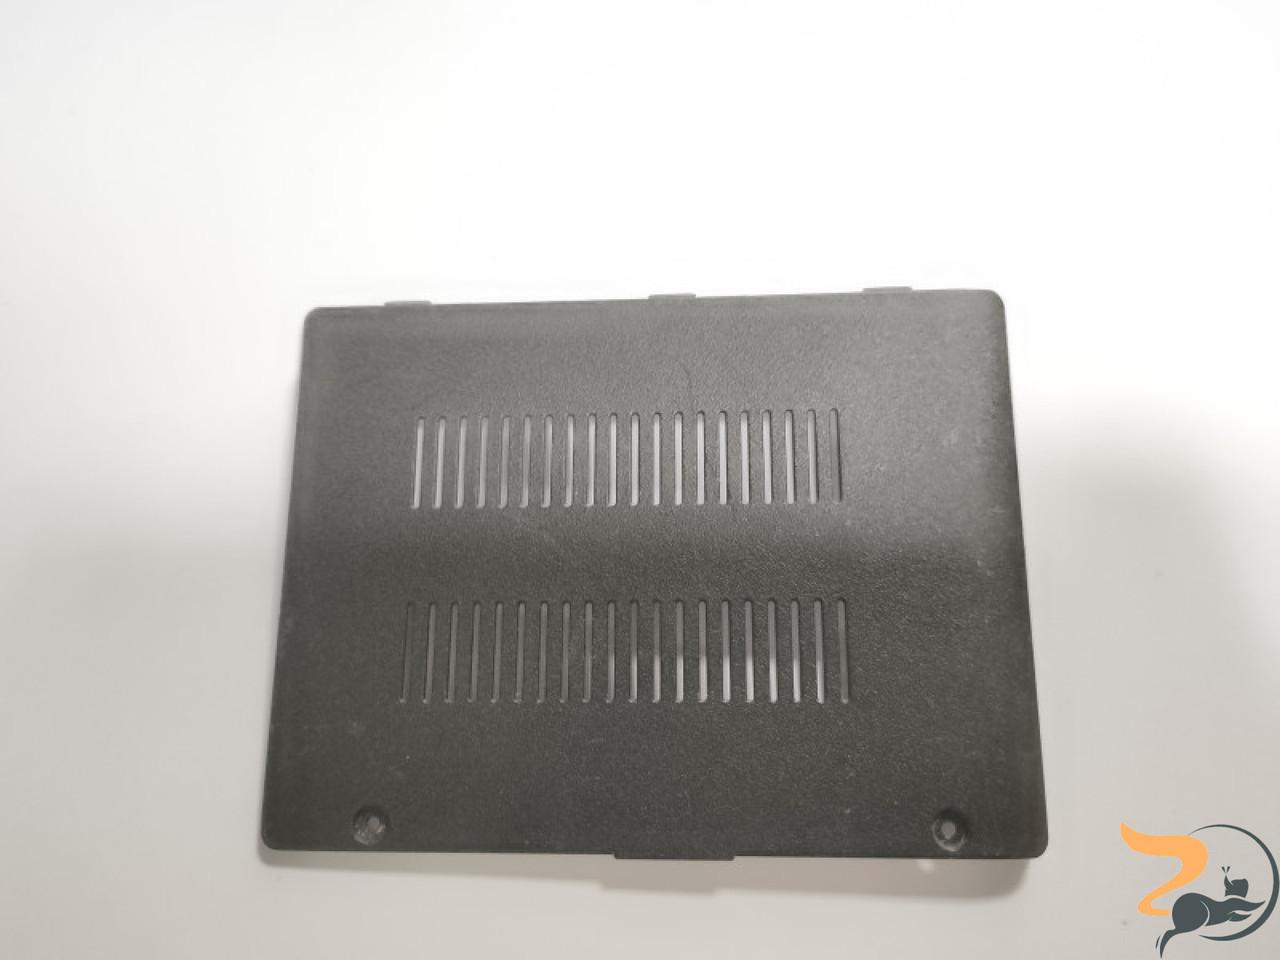 Сервісна кришка для ноутбука Asus X75S, N70SV, X73S, G71G, PRO76S, F70SL, 13GNSQ10P12X-1, 13N0-BVP0601, Б/В, Зламаний замок.